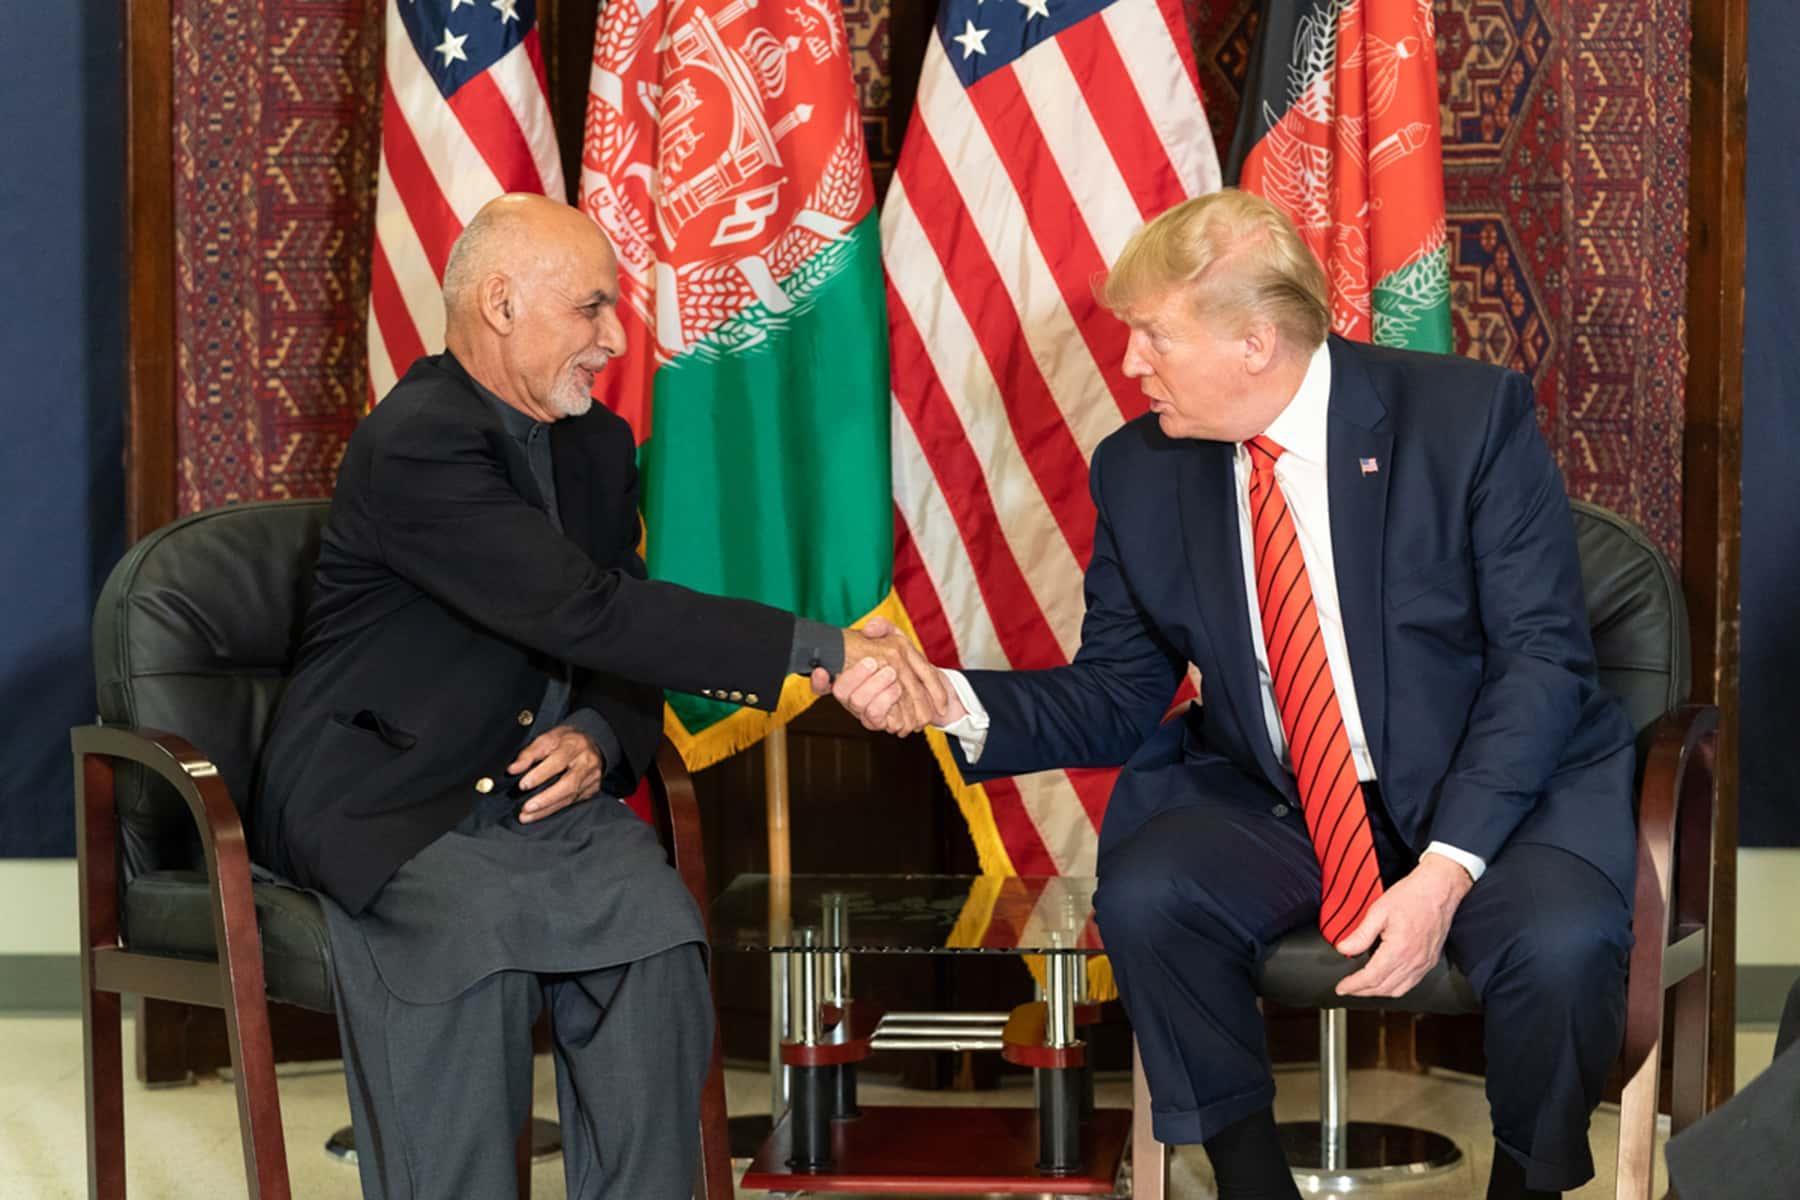 081721_TrumpAfghan_01